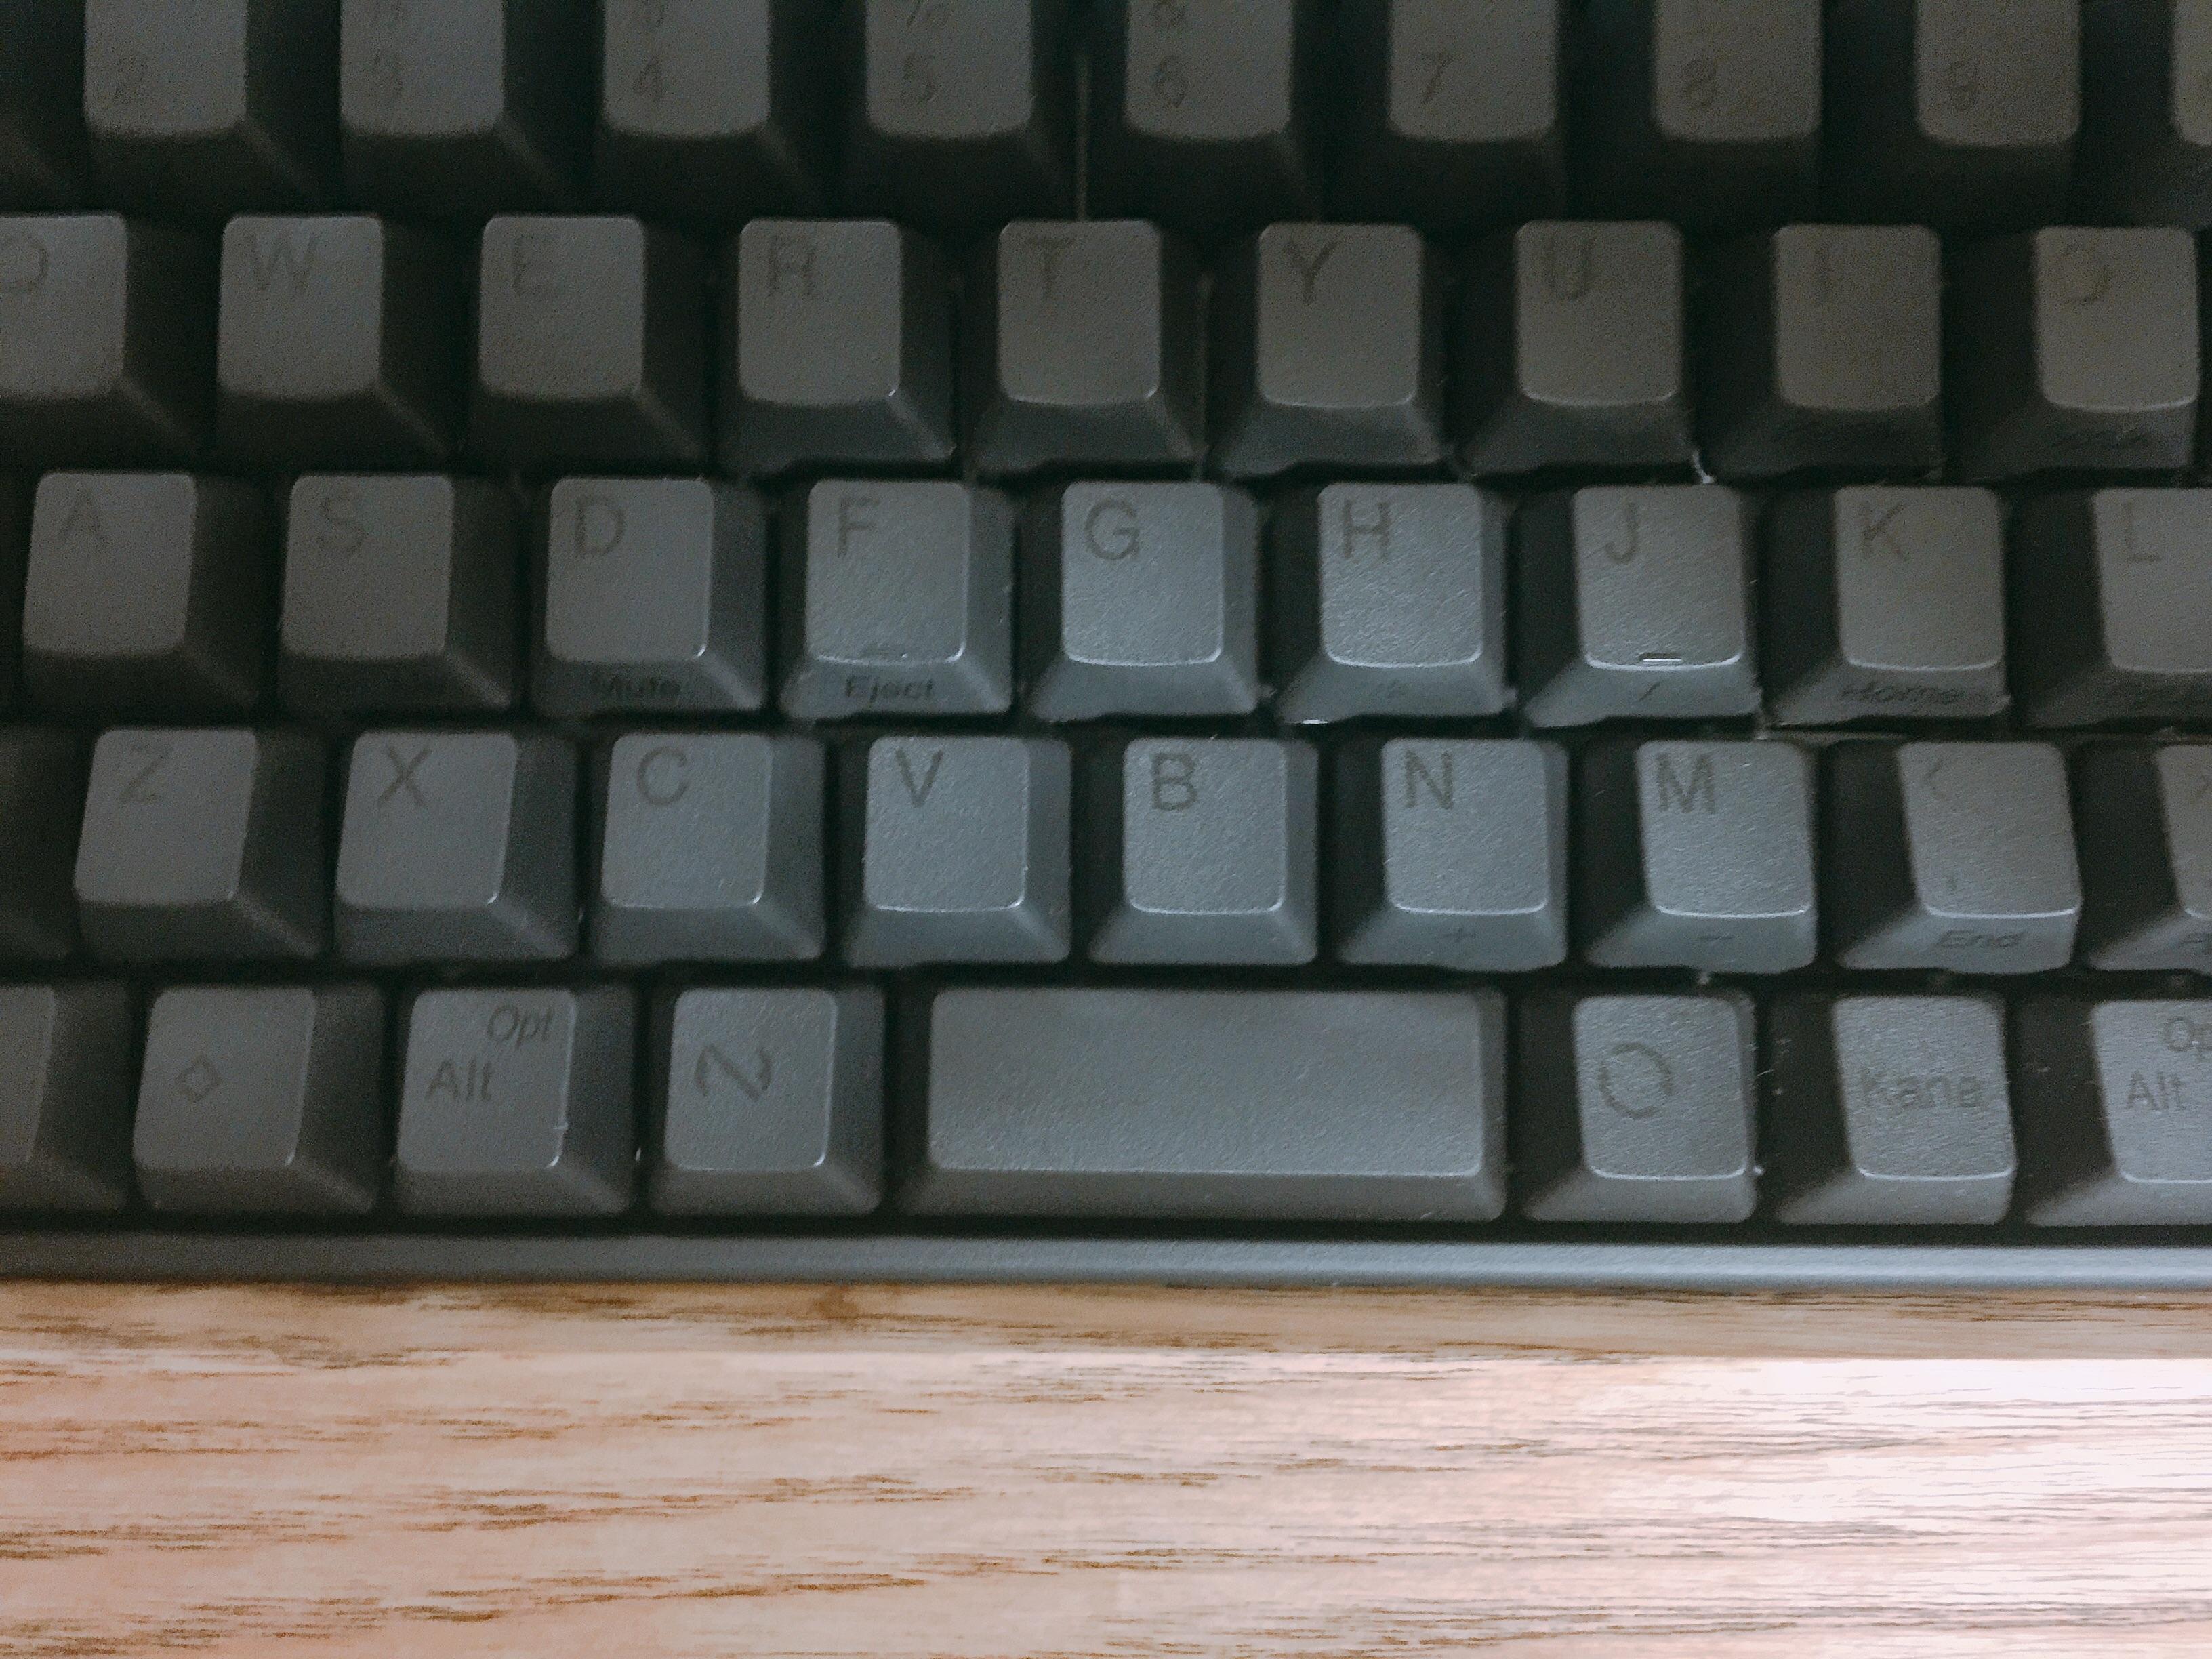 HHKB キーボード 英数/かな